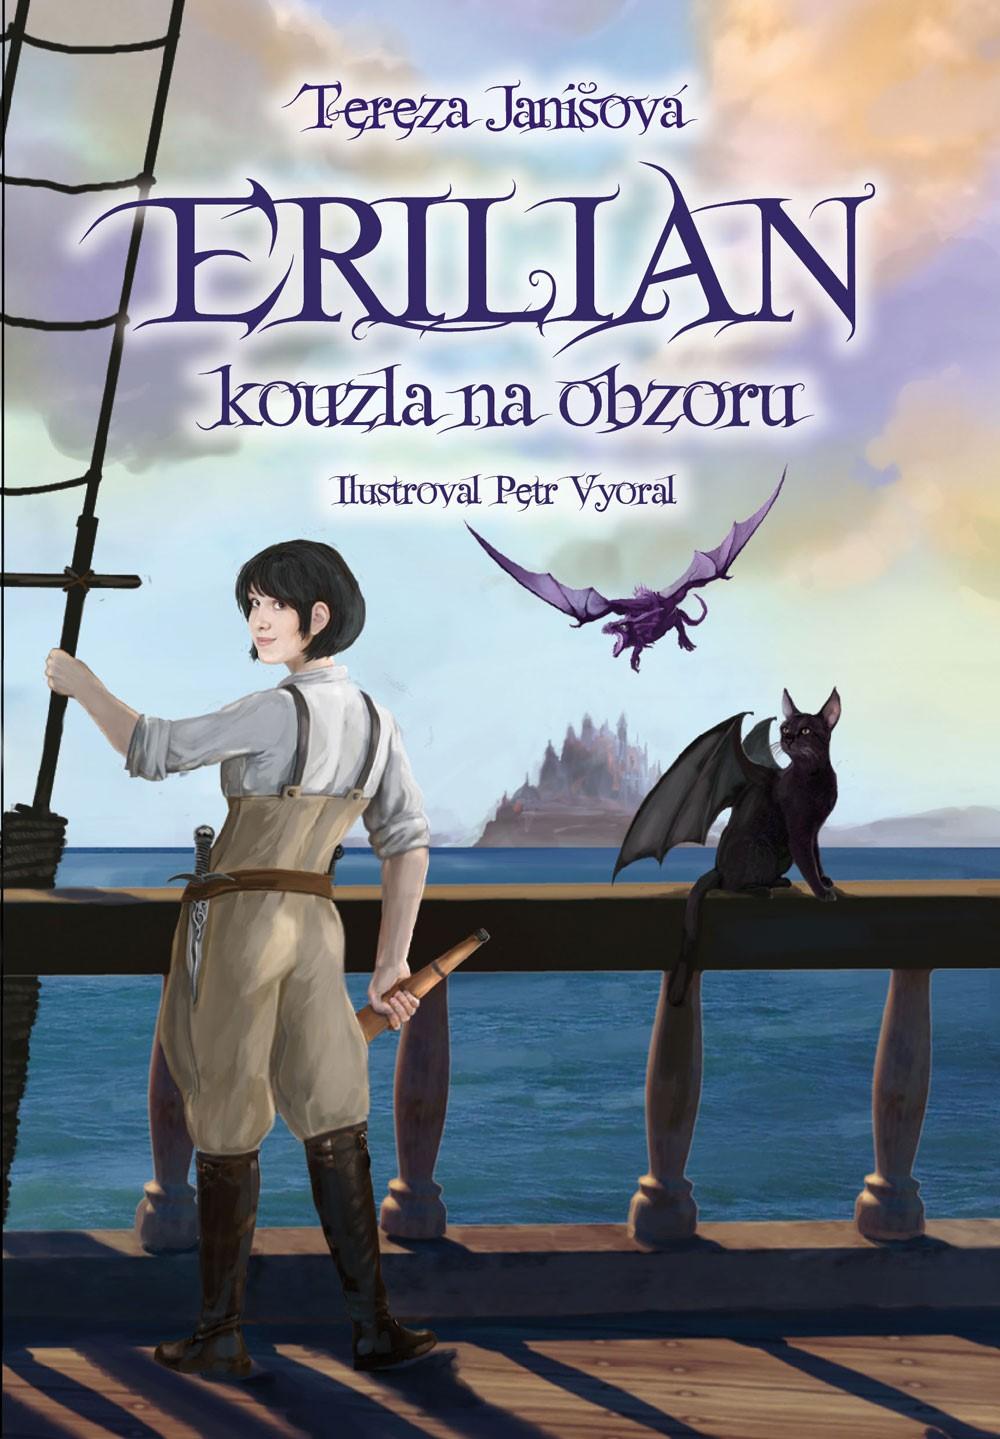 Erilian 2 | Tereza Janišová